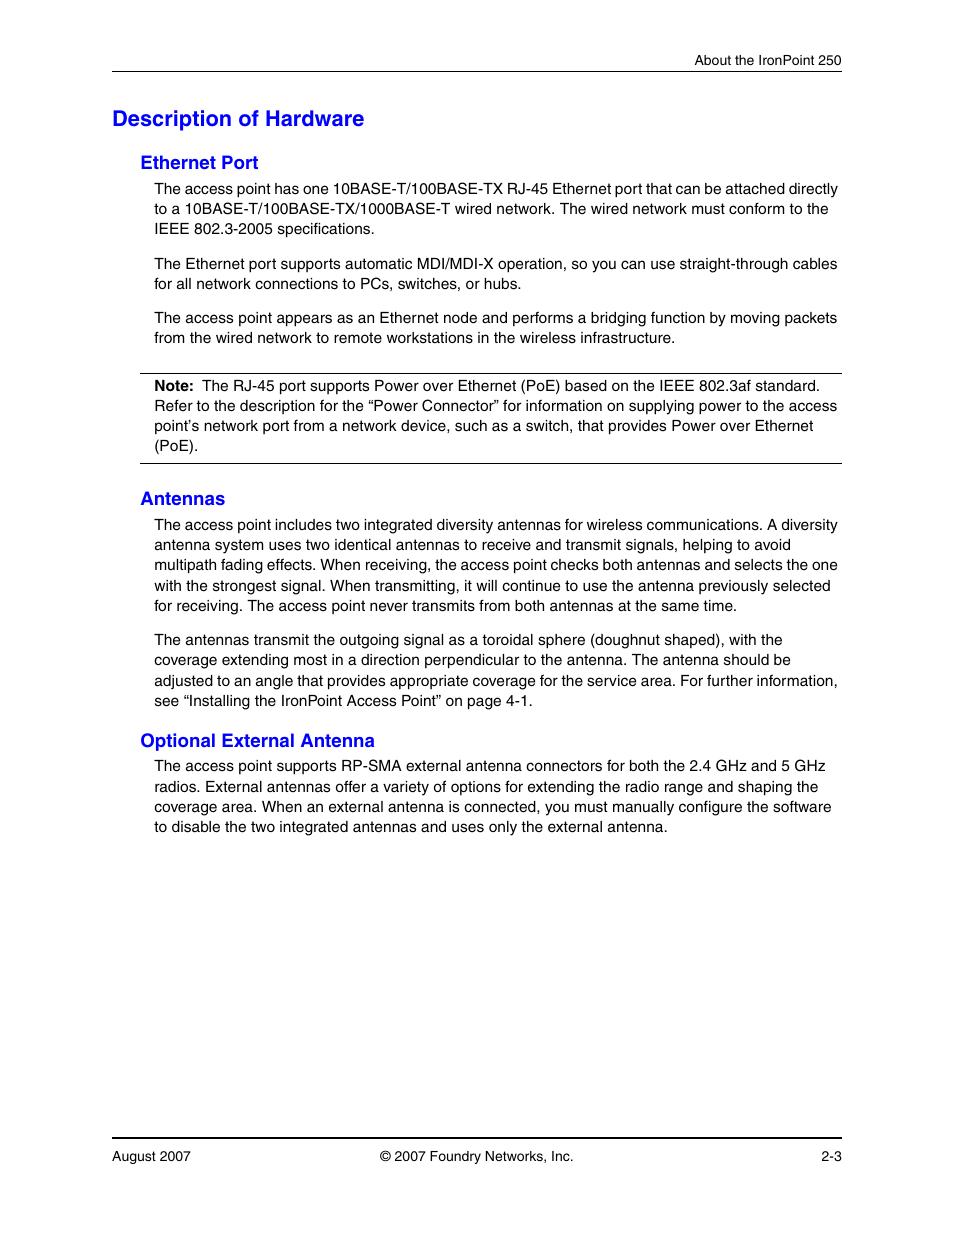 description of hardware ethernet port antennas foundry networks rh manualsdir com Foundry BigIron 8000 Foundry Networks Logo